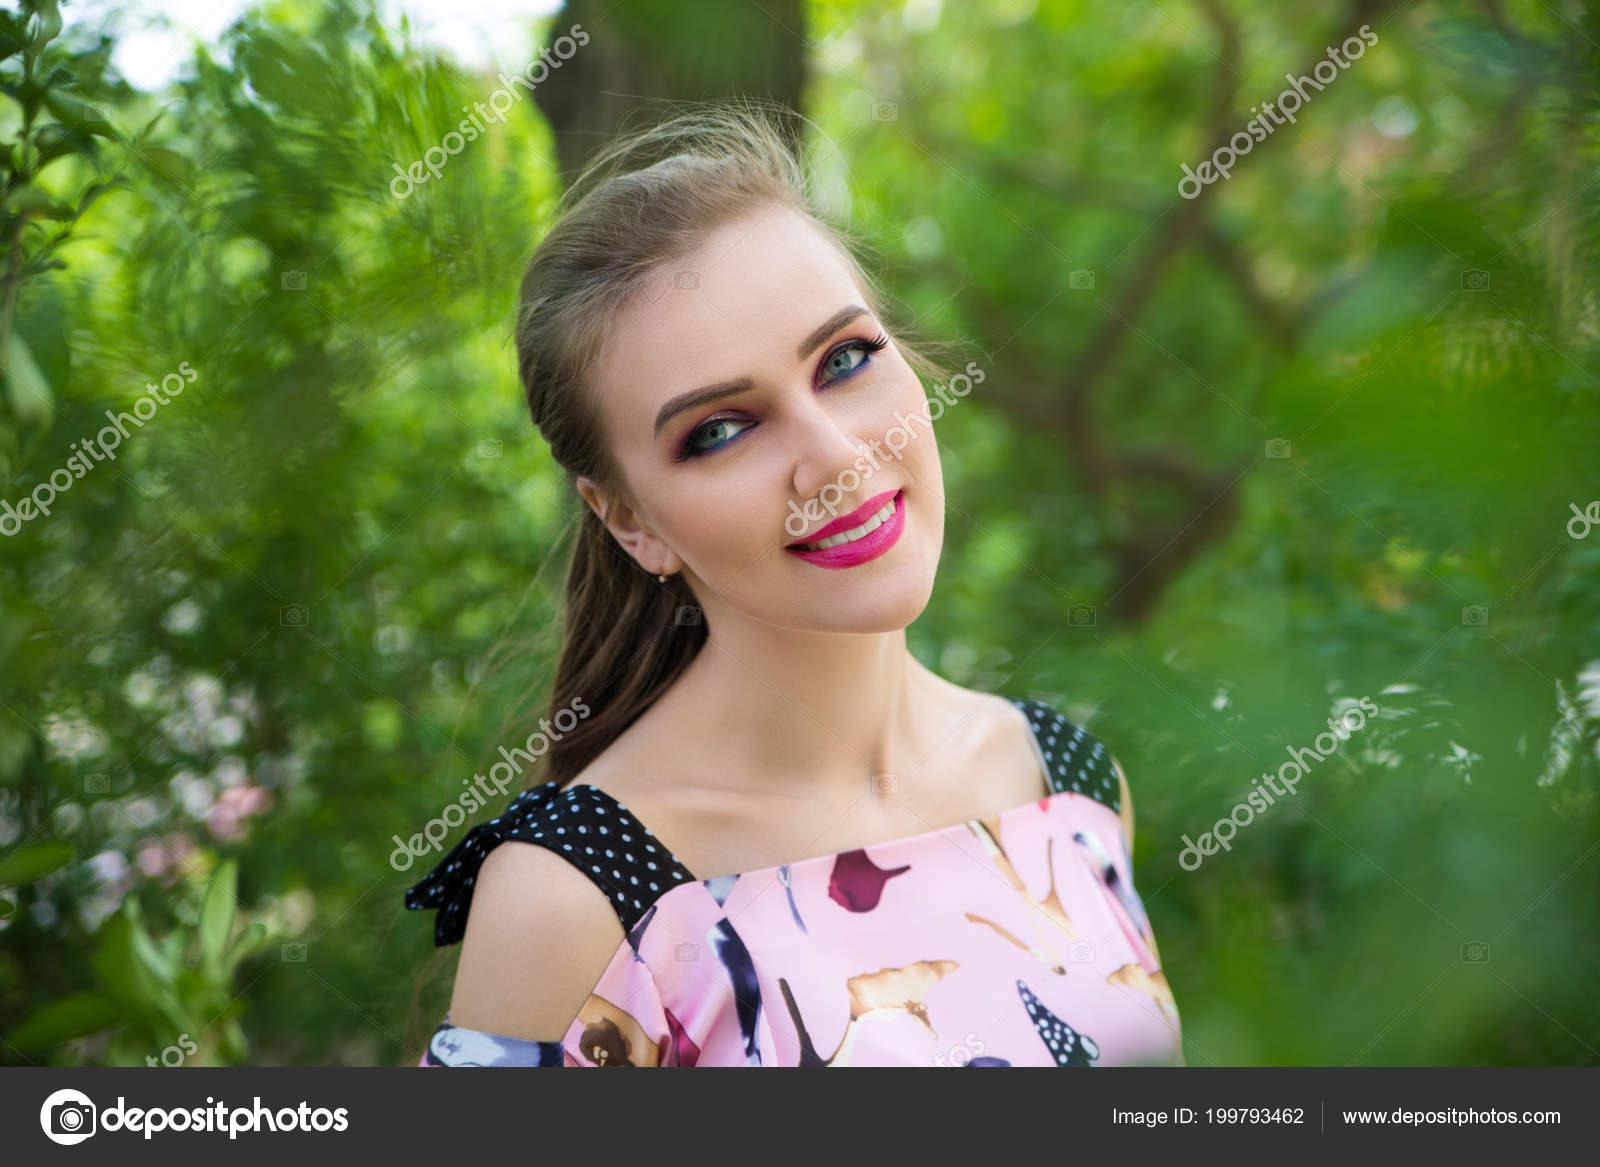 Retrato Dama Bonita Muchacha Hermosa Con Maquillaje